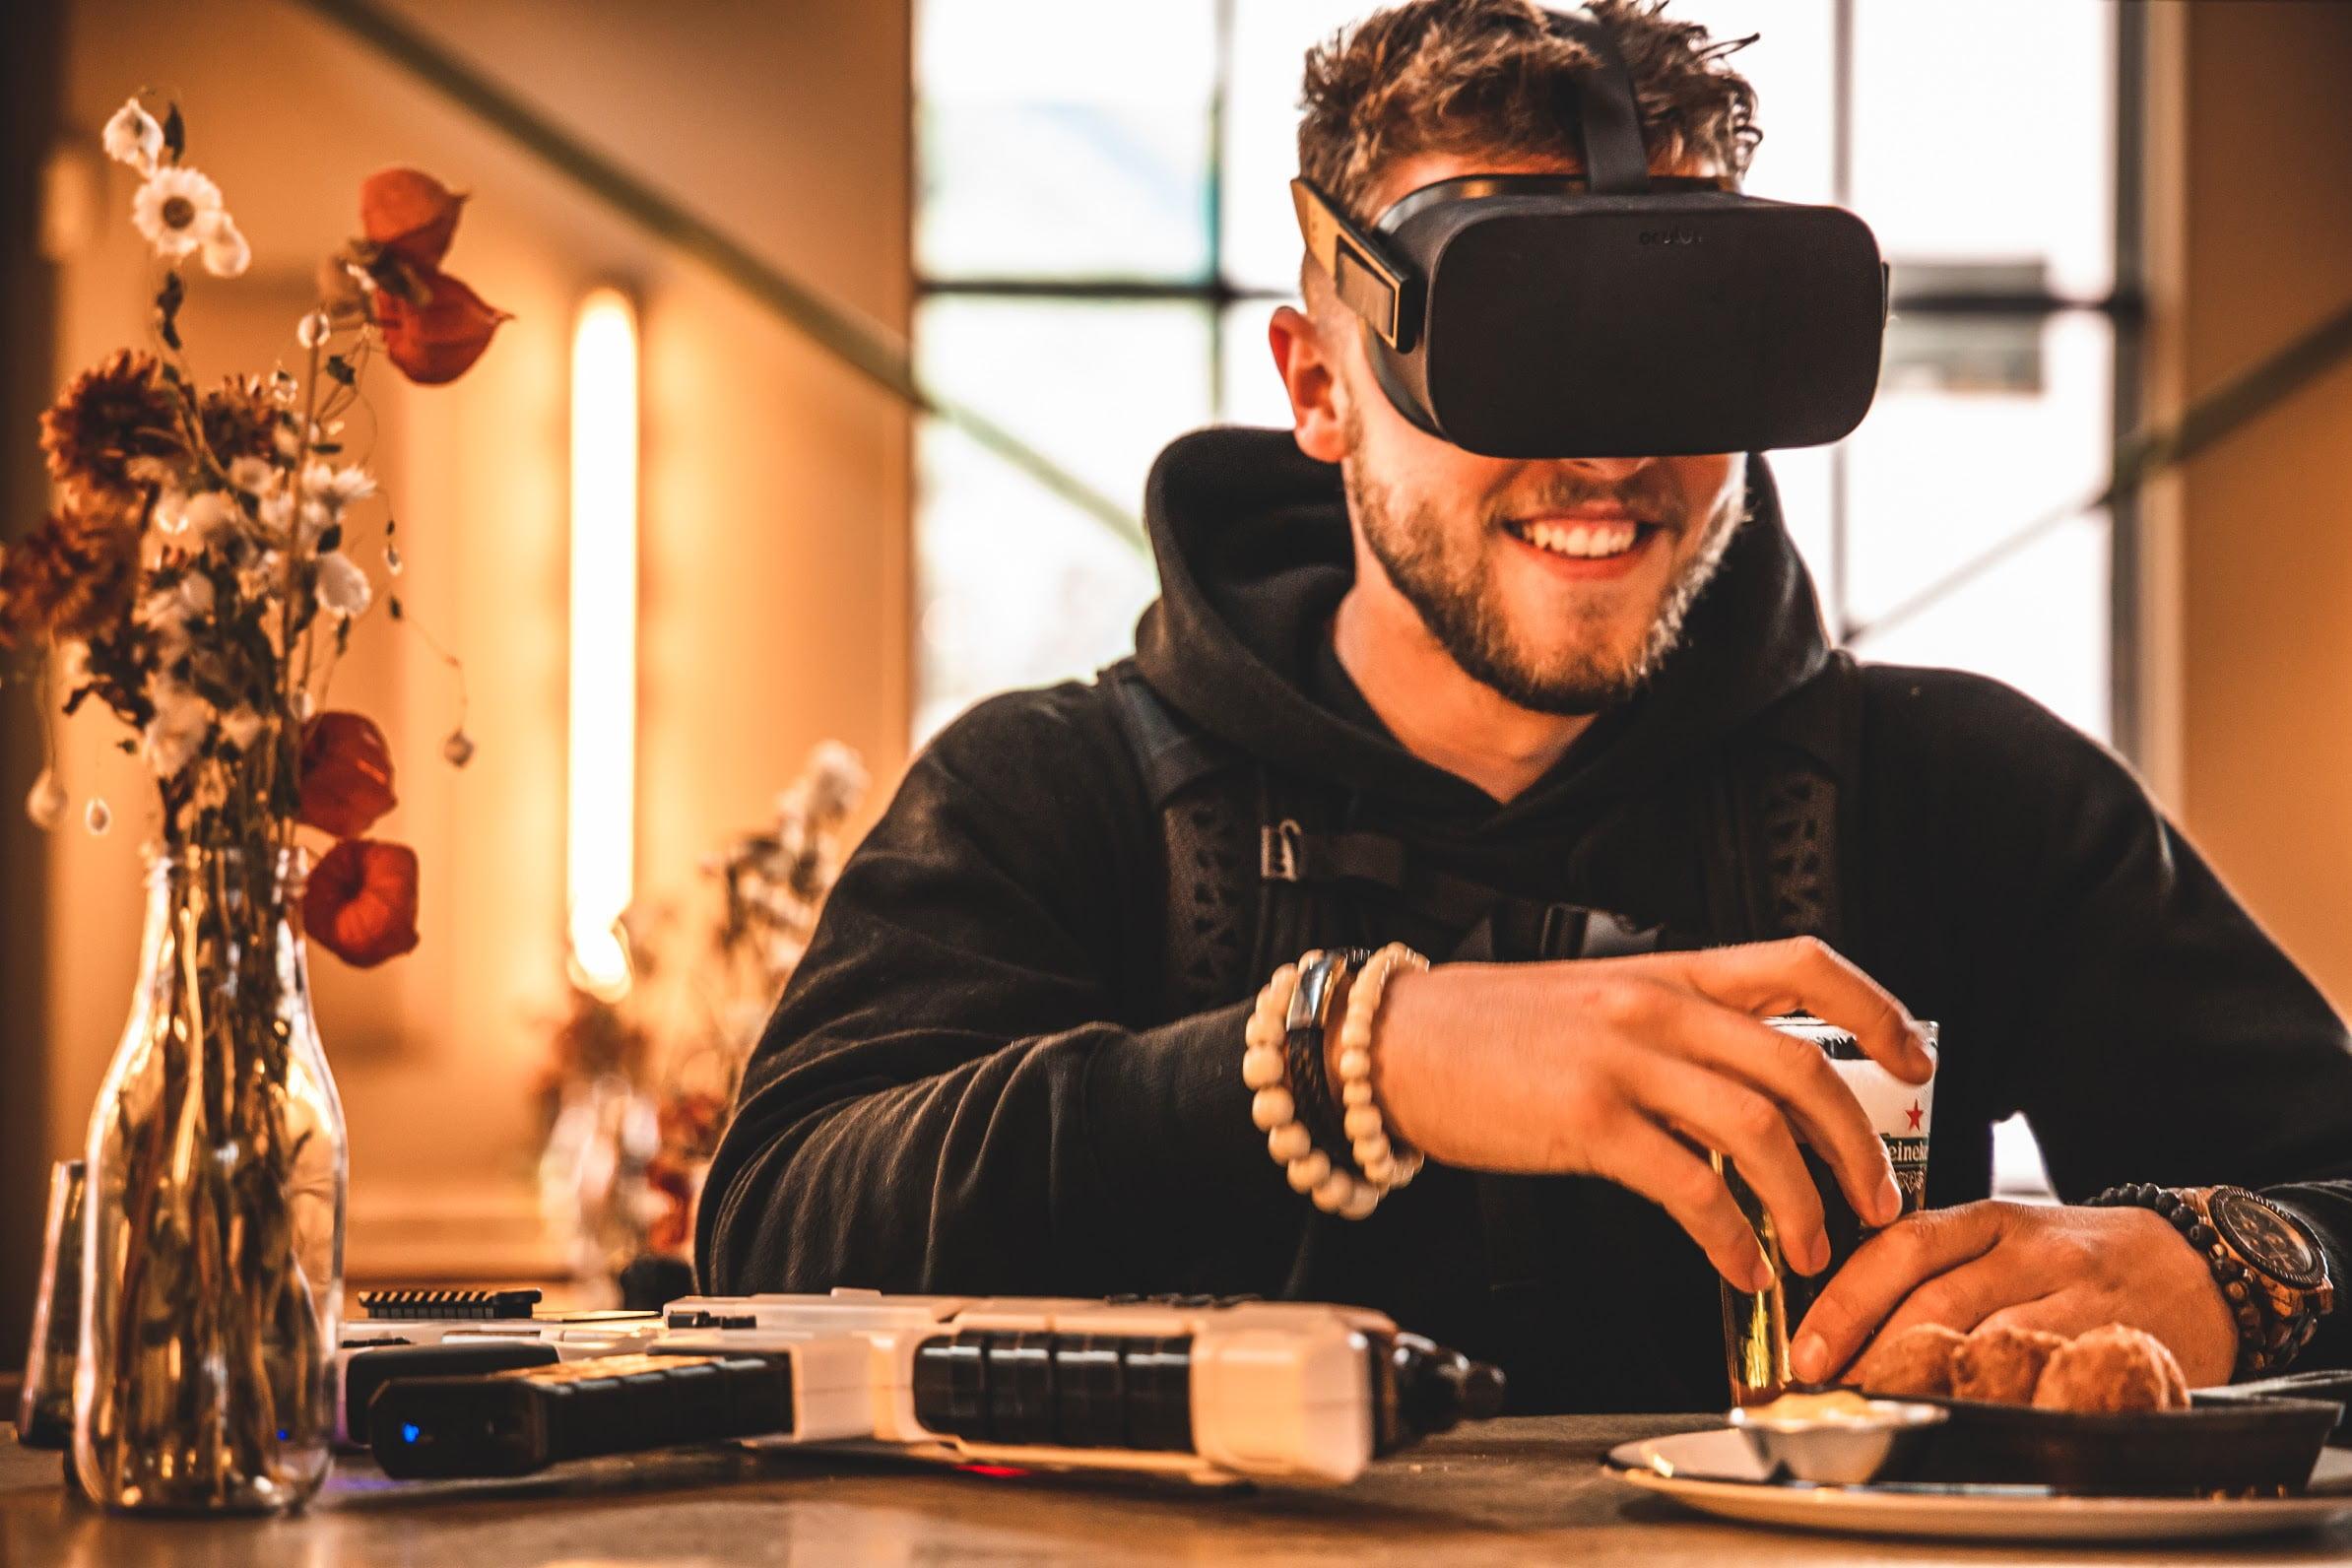 VR-Arcade-Fun